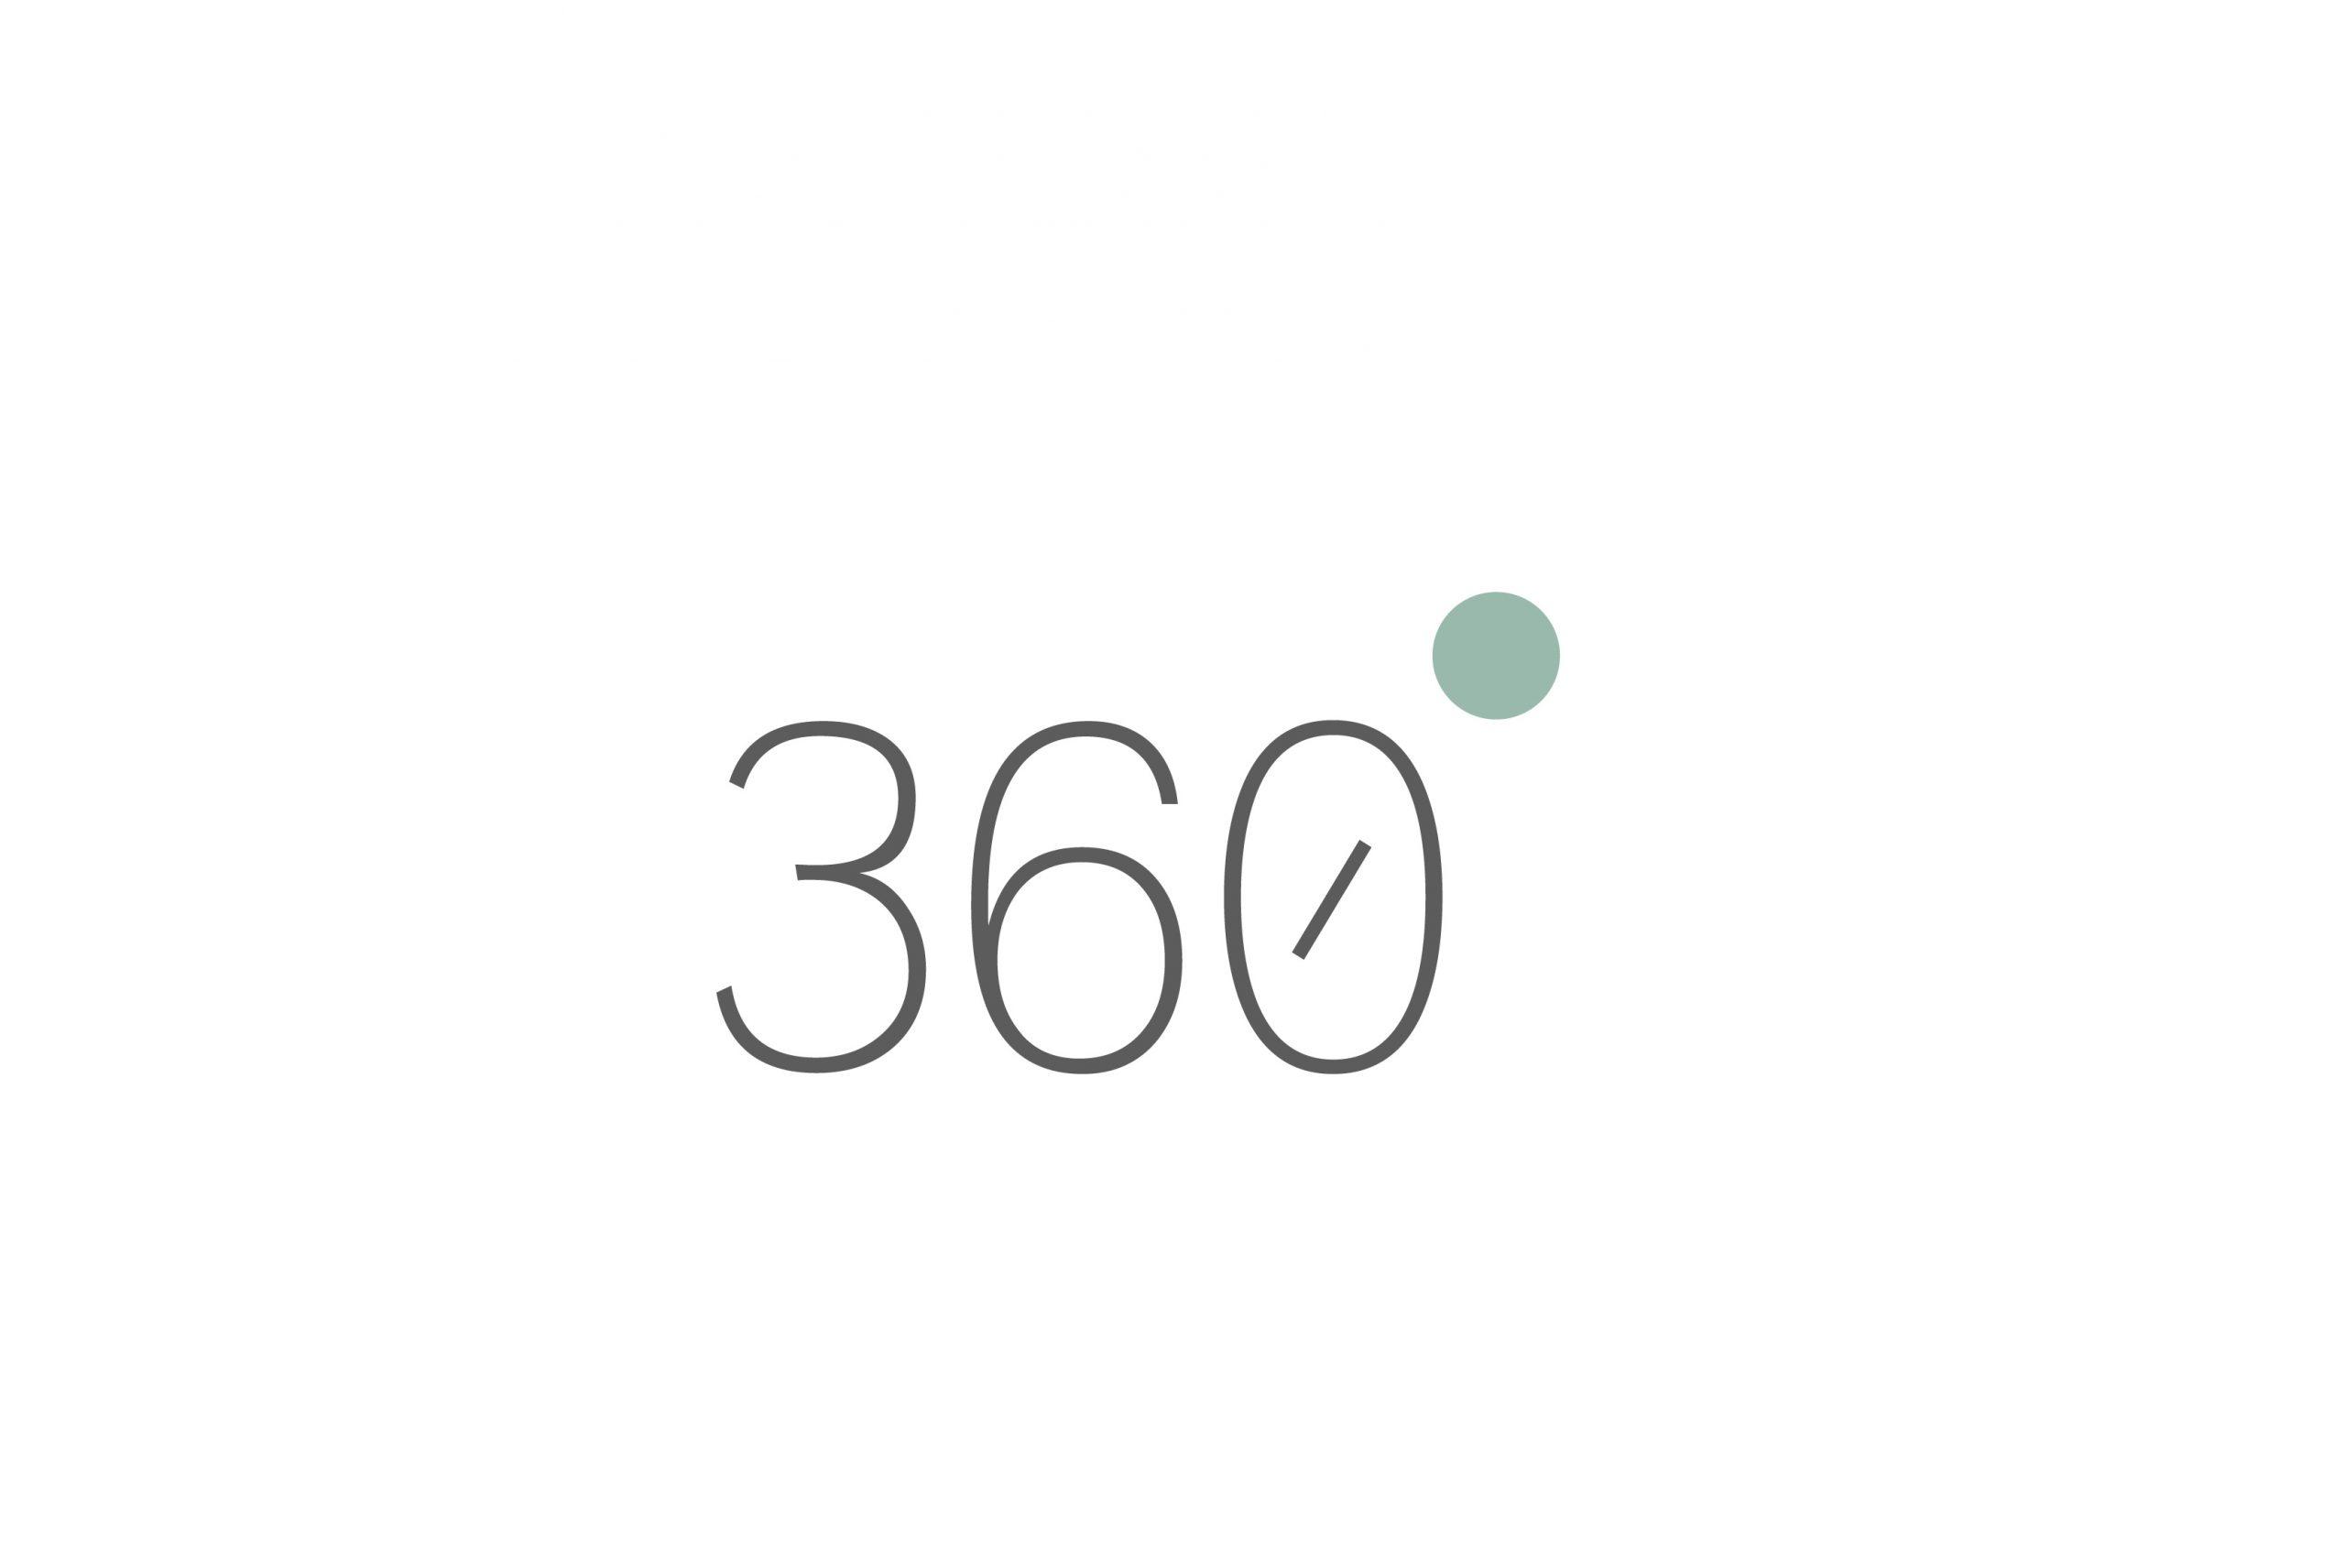 icone 360 7essentiels